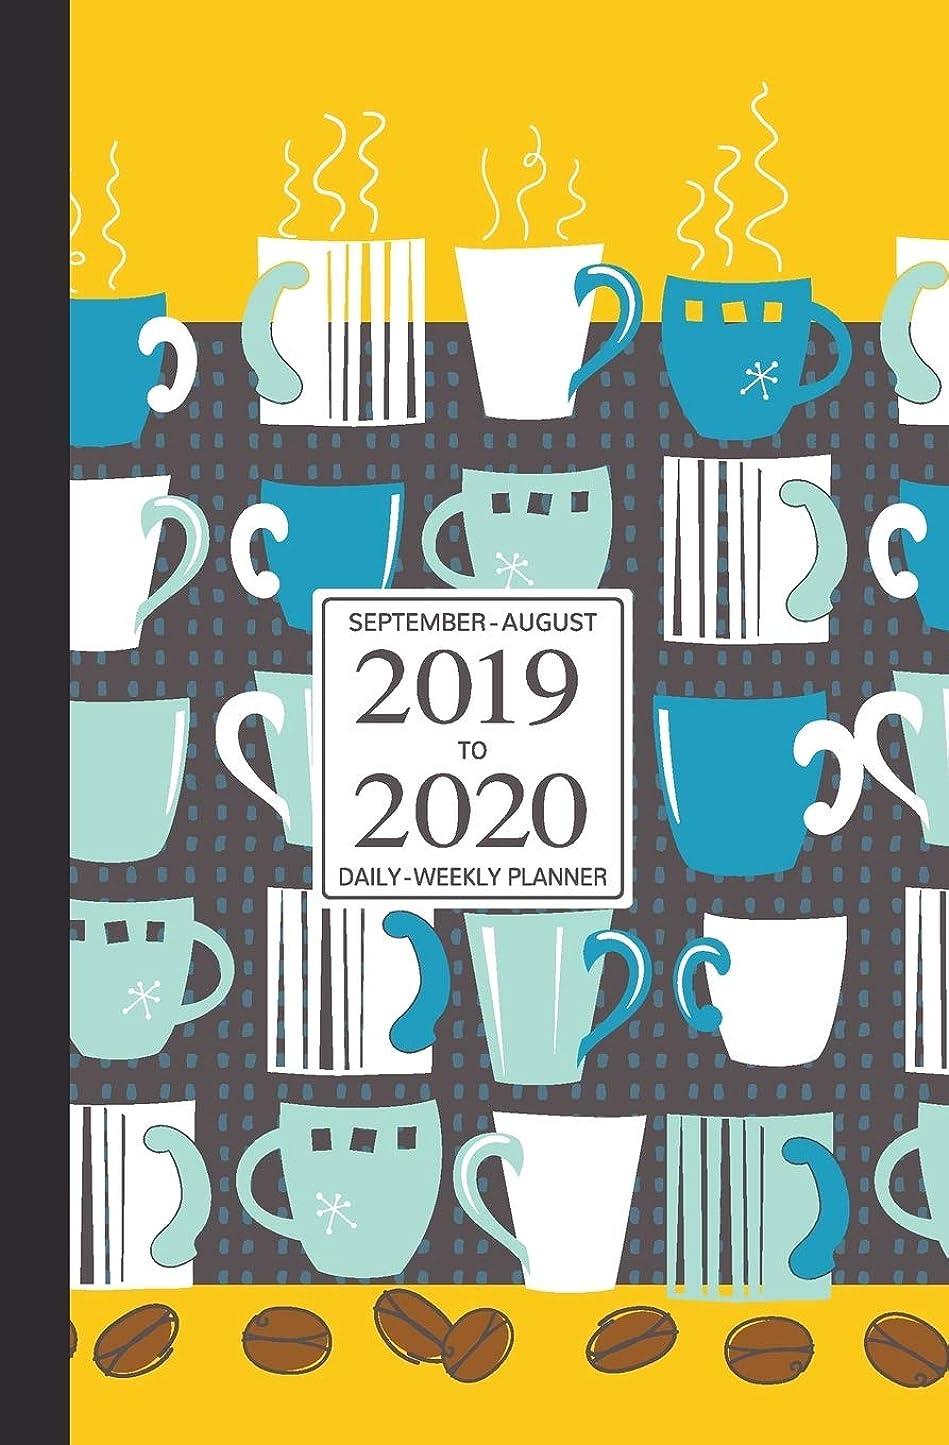 見通しリーク塊September - August 2019 To 2020 Daily - Weekly Planner: Mini Student Calendar; Cute Coffee Cup Art